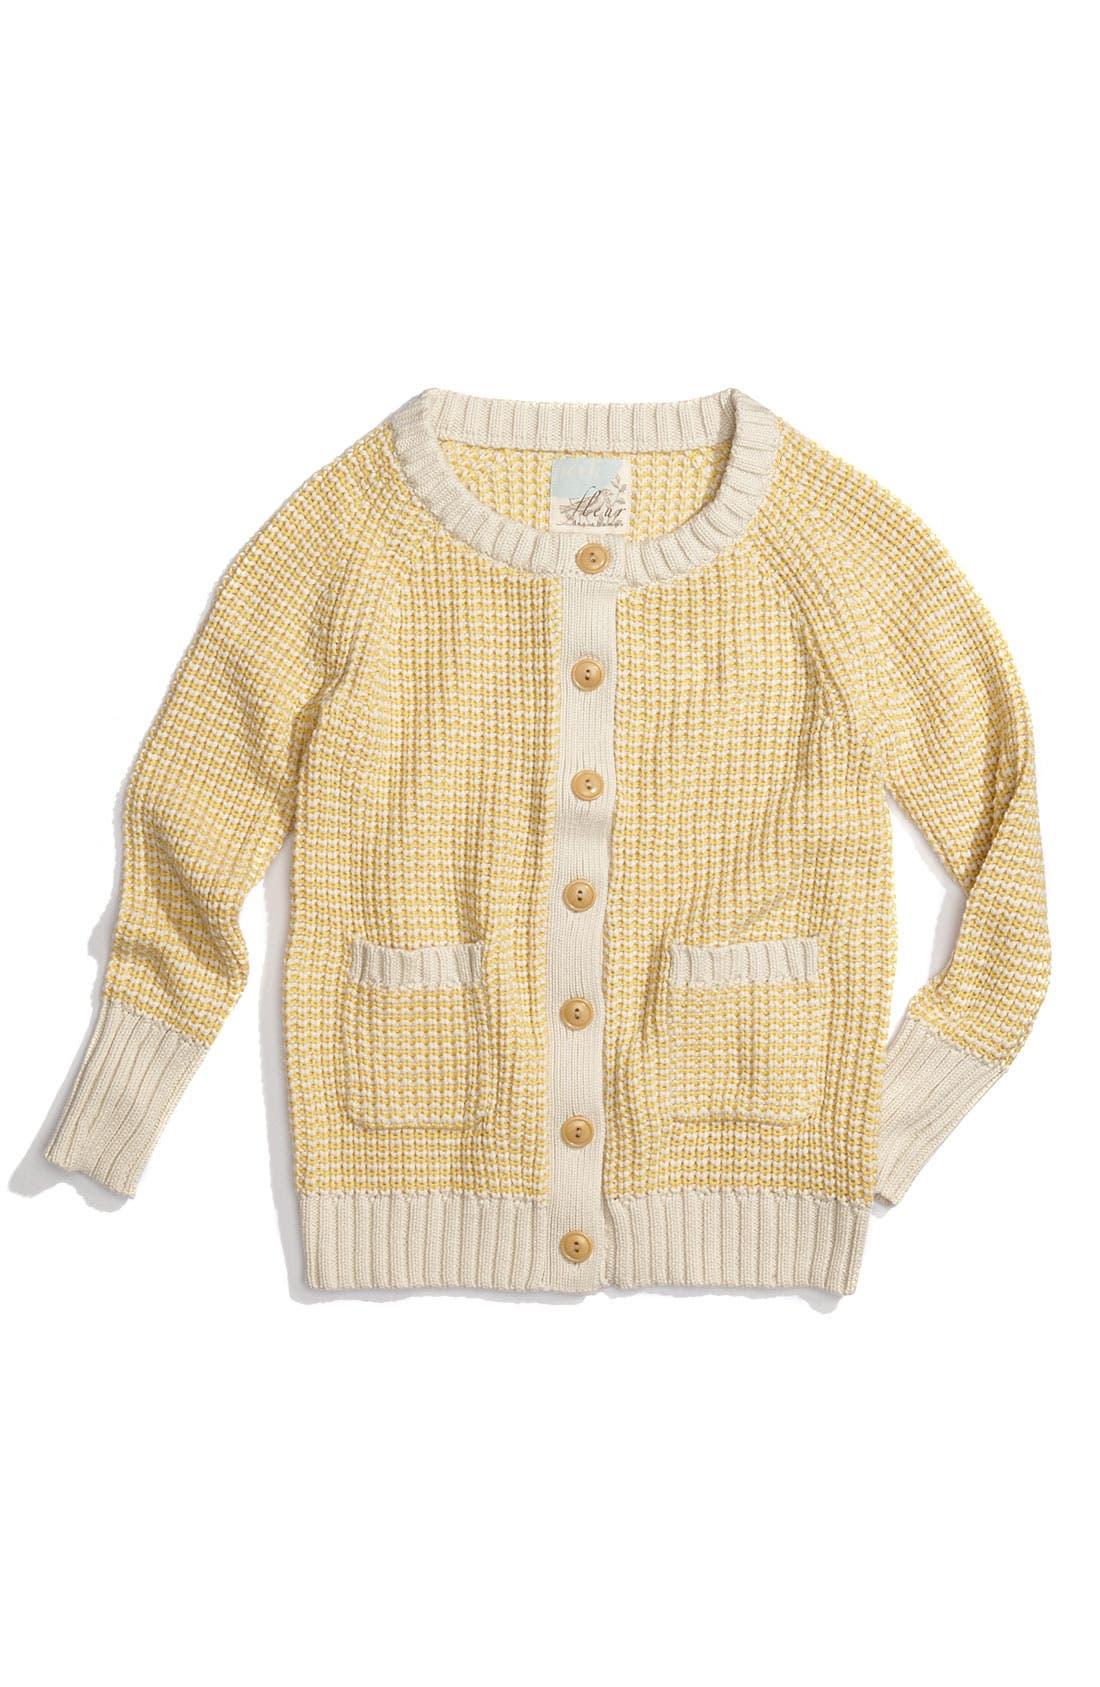 Main Image - Peek 2-Tone Knit Cardigan (Toddler, Little Girls & Big Girls)